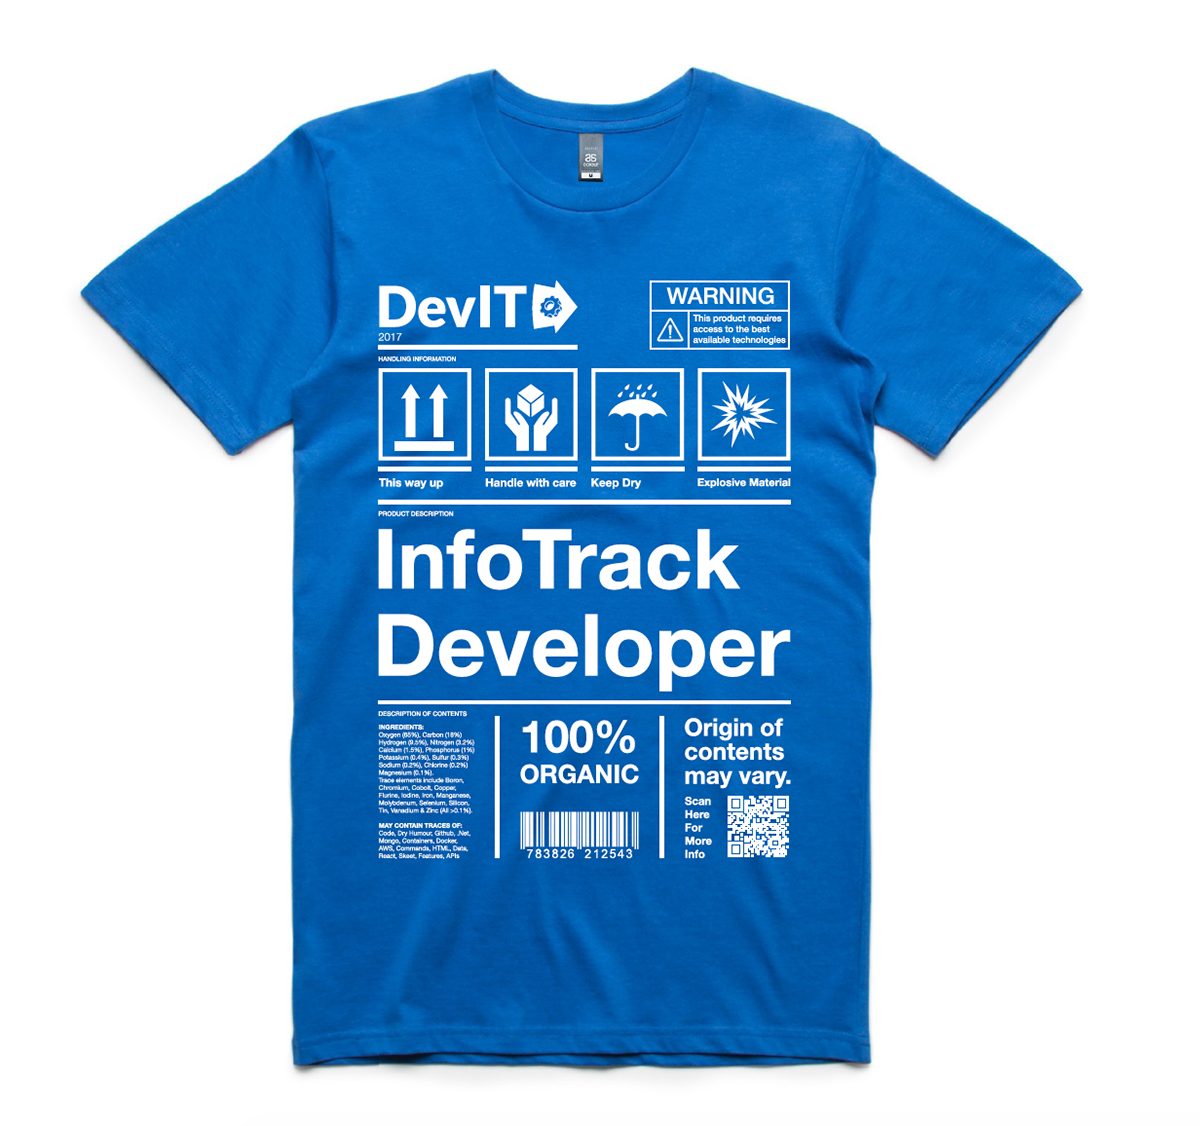 Andrew Evans Uxdesignmonster Infotrack Developer Shirt Design